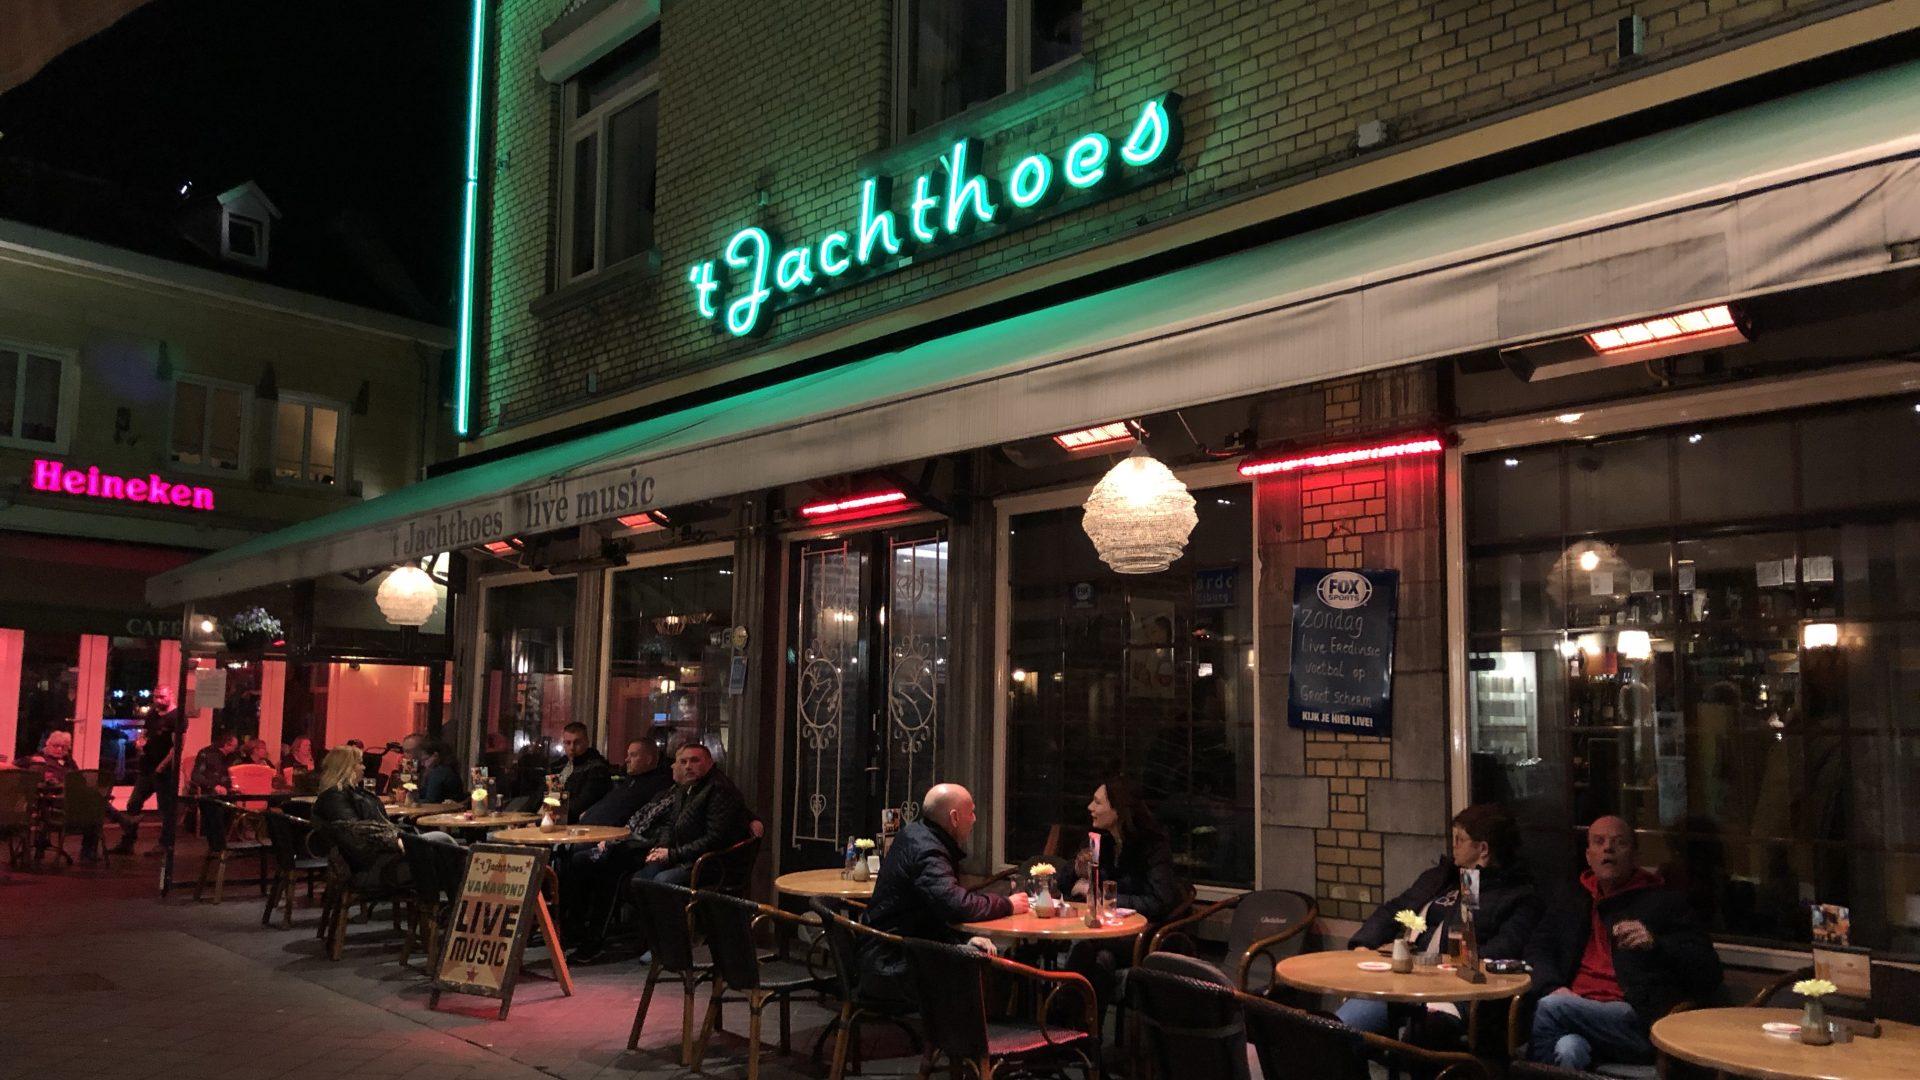 Café 't Jachthoes